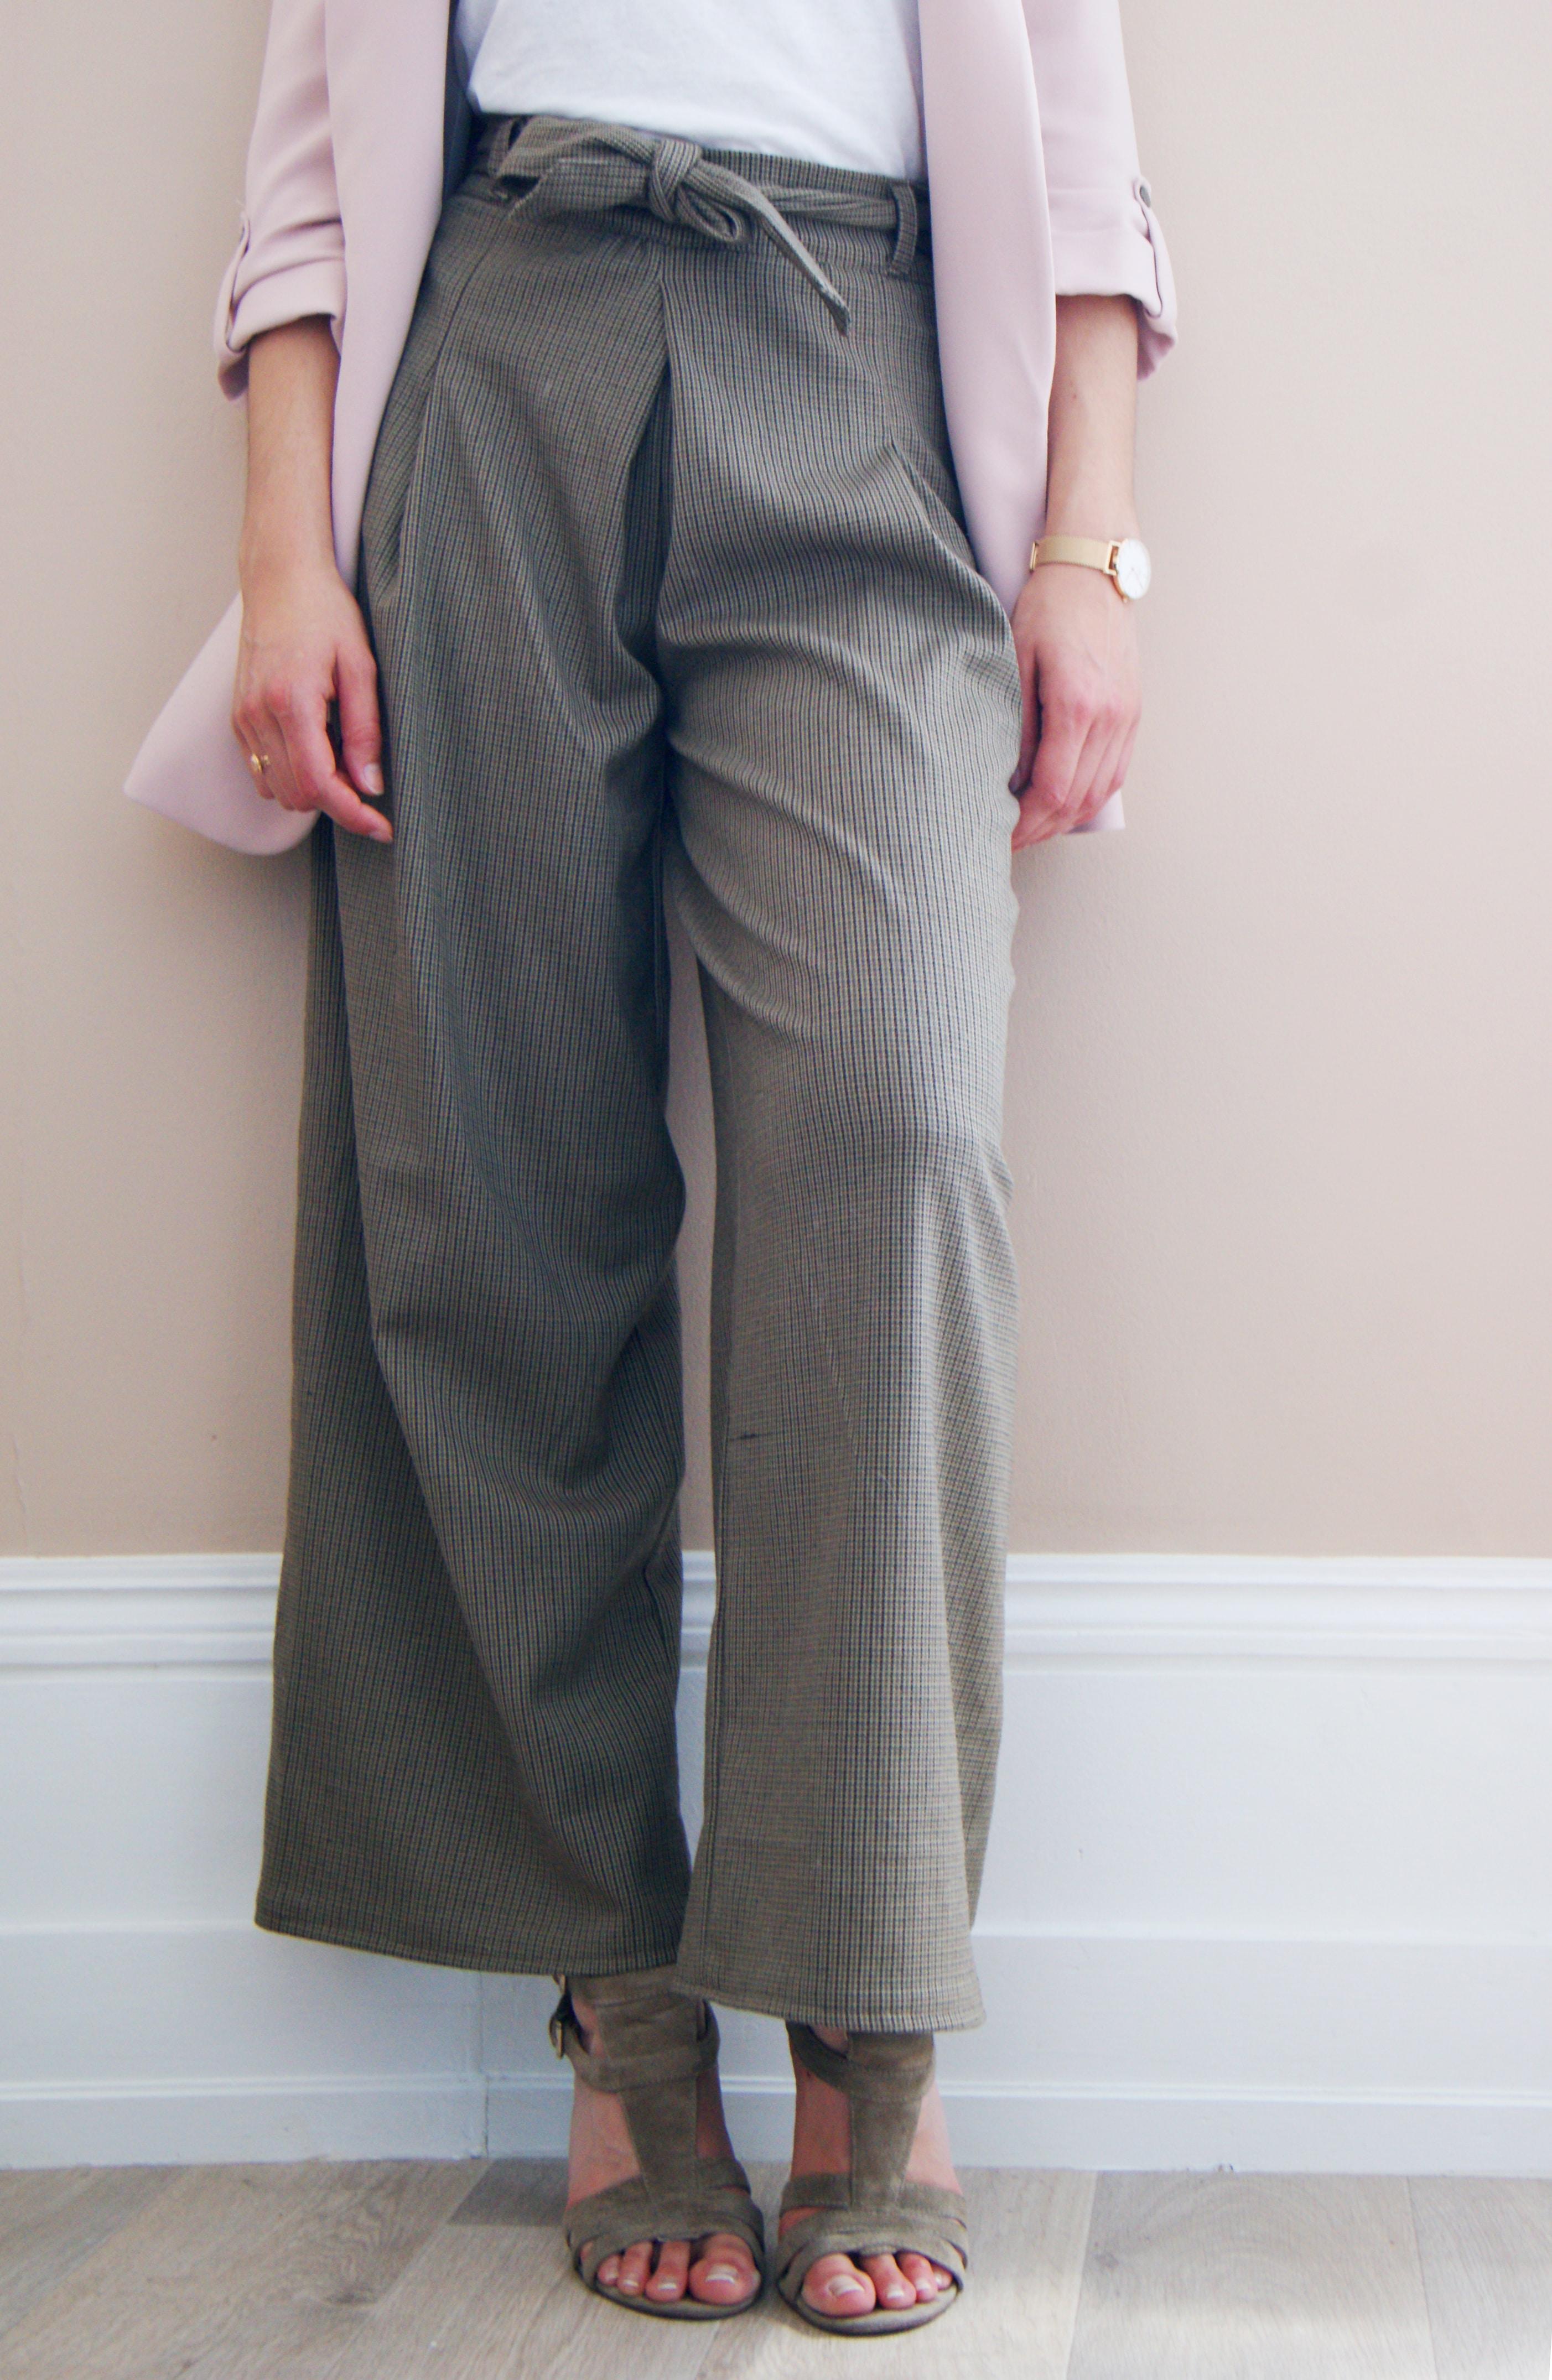 07fd683c5197bd Kit by Klo - Pantalon Short Tucson   Blanche Blanche